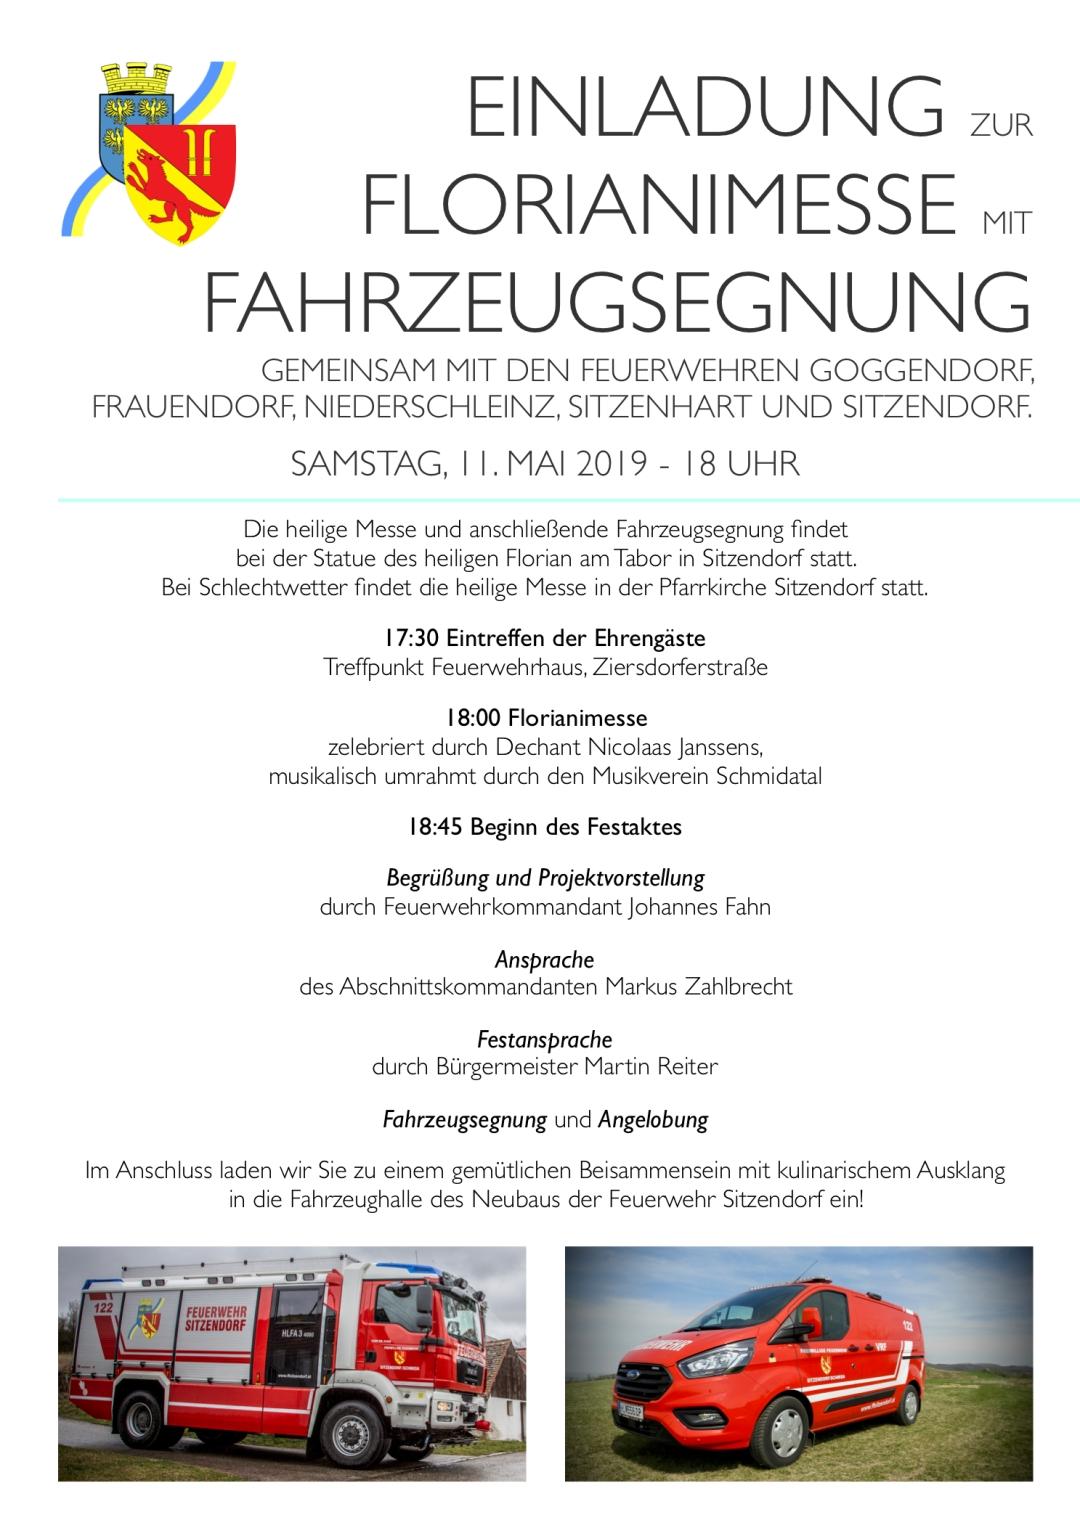 Einladung Florianimesse.jpg